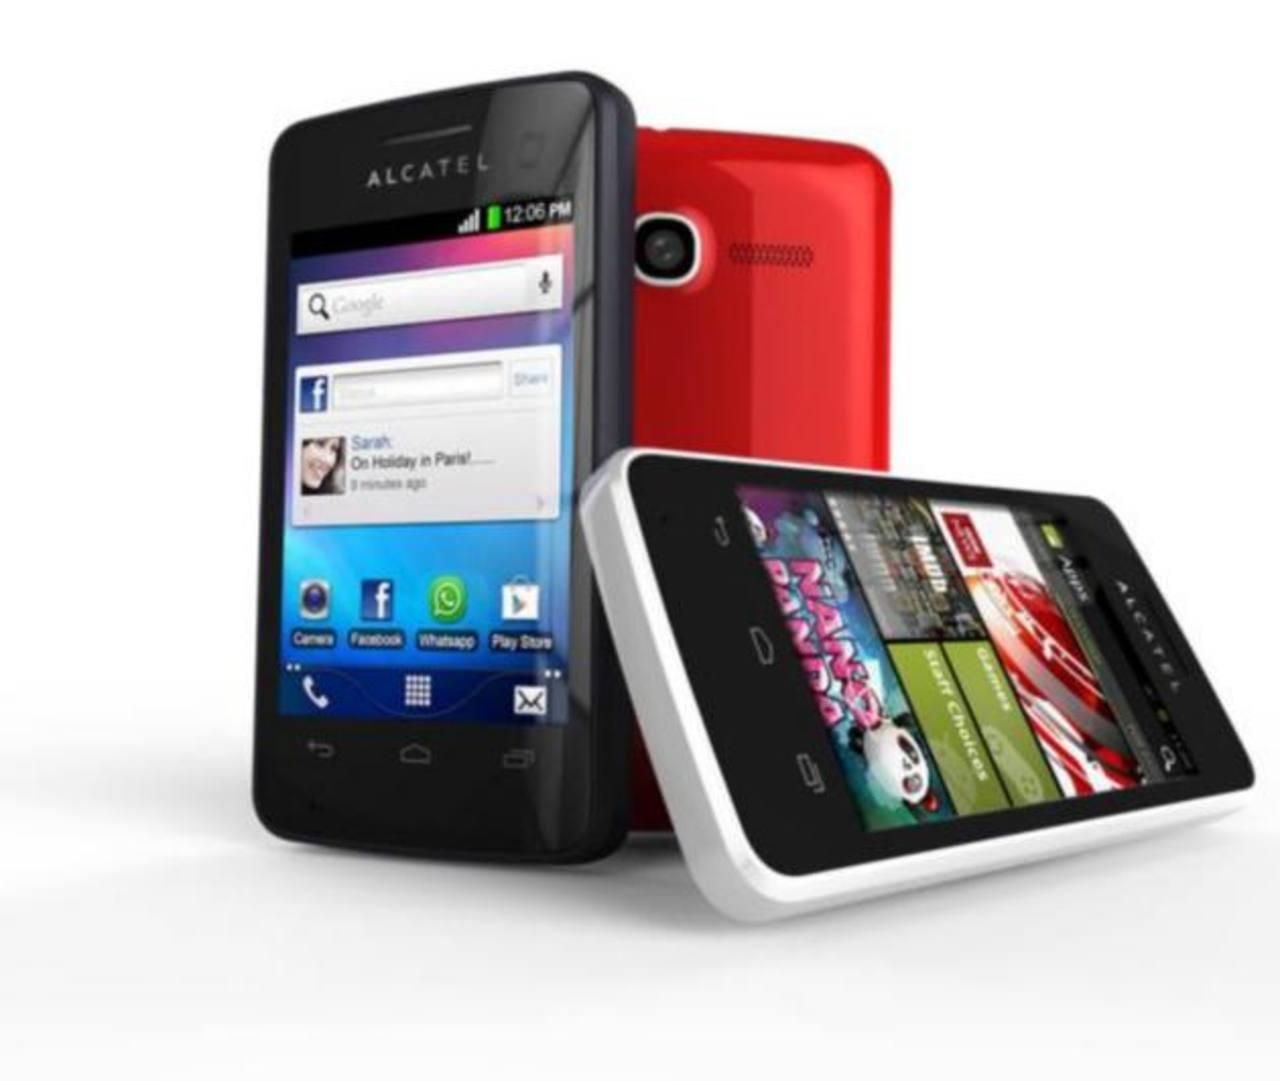 El compacto, el versátil y el más ligero de Alcatel